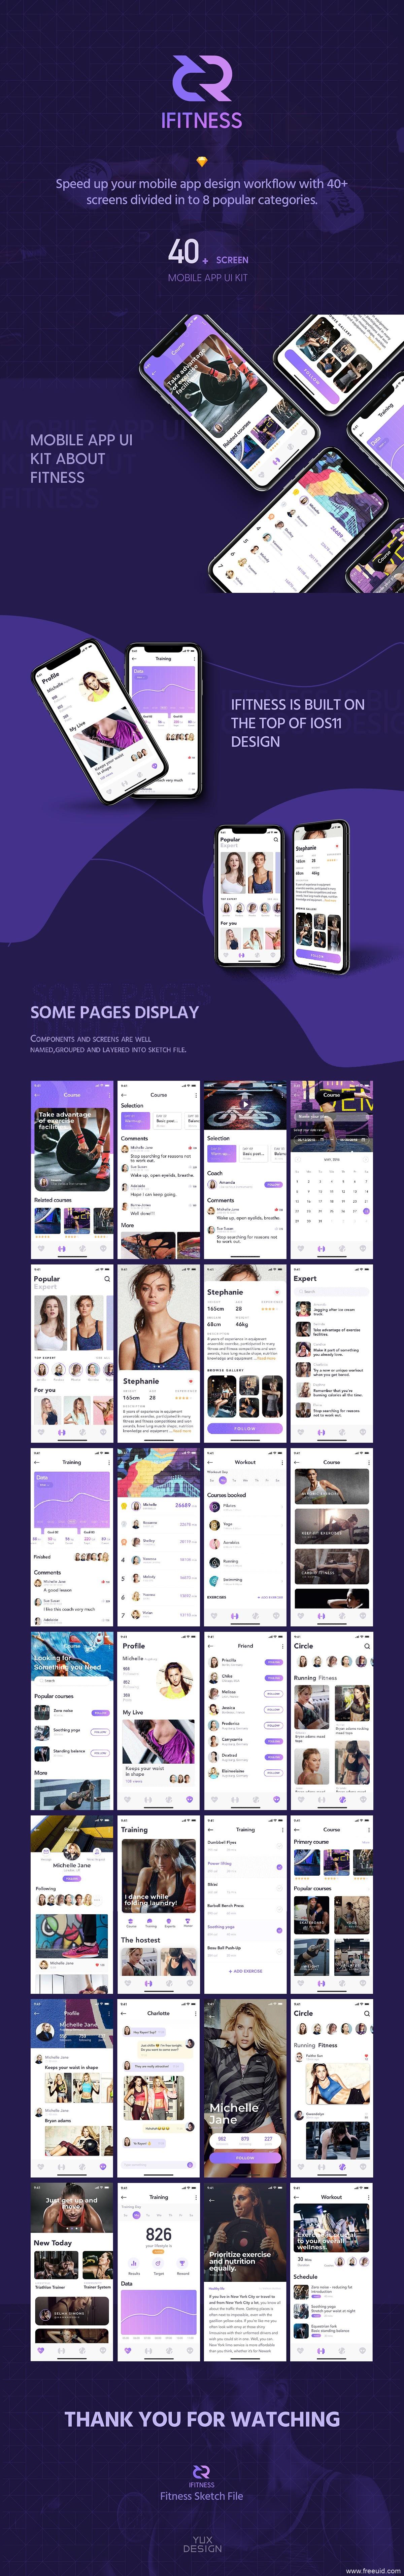 运动健身类社交app ui iFITNESS UI Kit .sketch素材下载